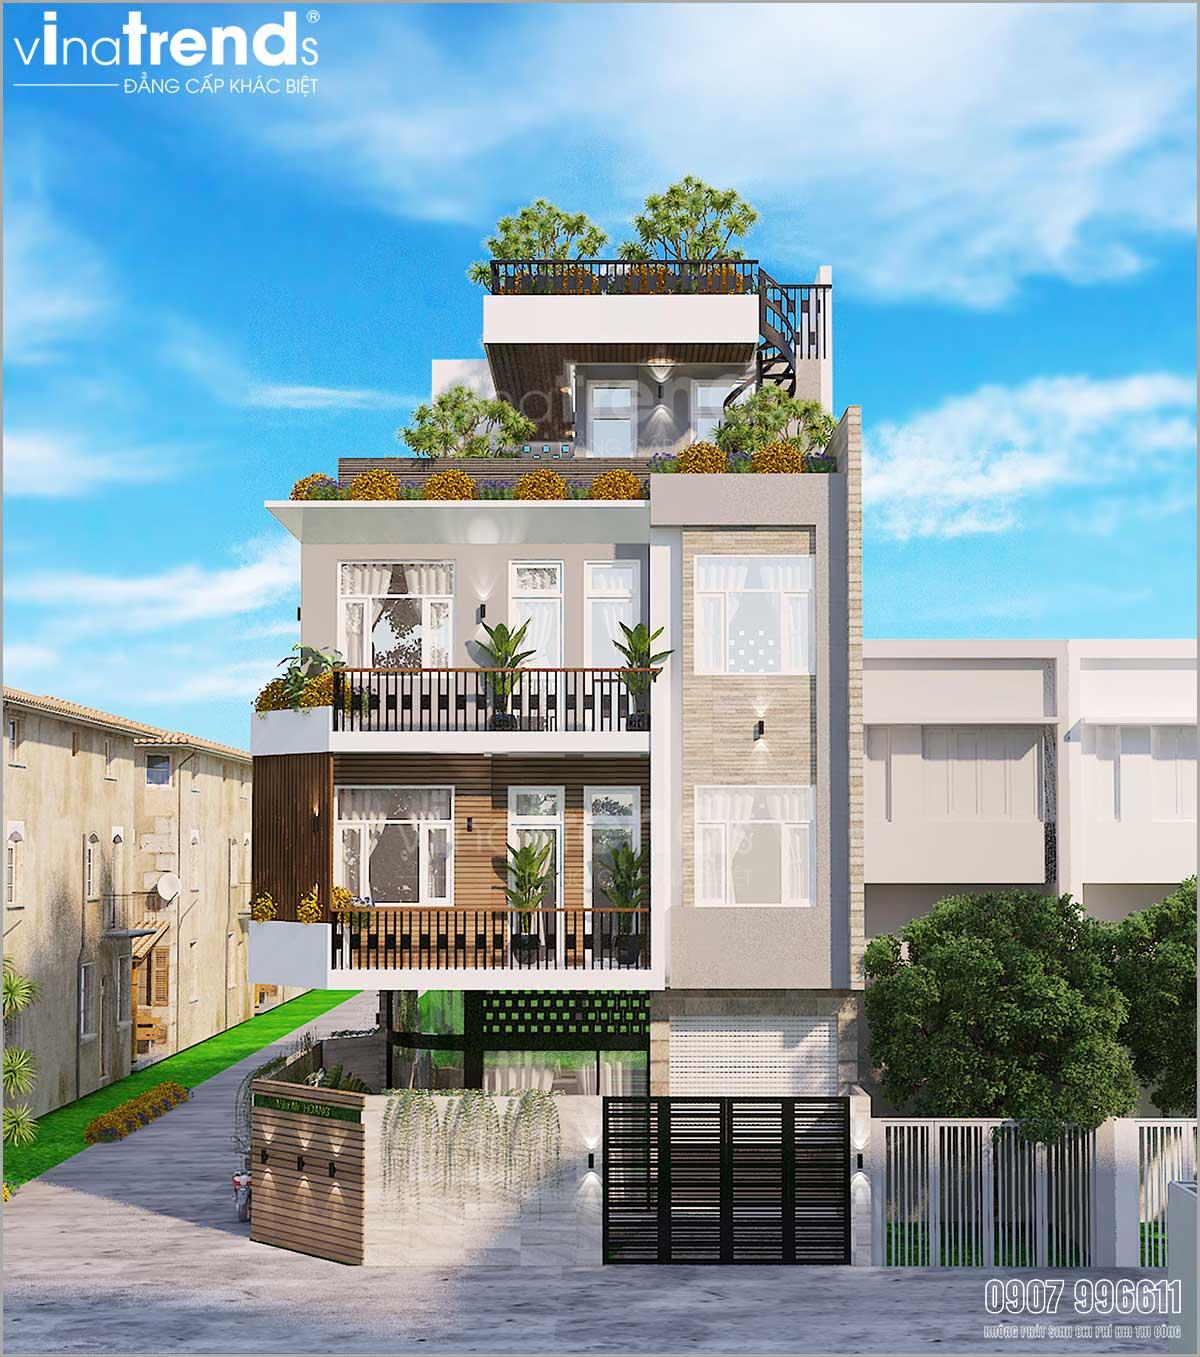 mau nha 4 tang co san thuong hien dai co 3 mat tien o hcm 15+ mẫu nhà 2 3 4 5 tầng mặt tiền 4m trở lên đẹp sang tiện nghi từ khách VinaTrends đã xây dựng